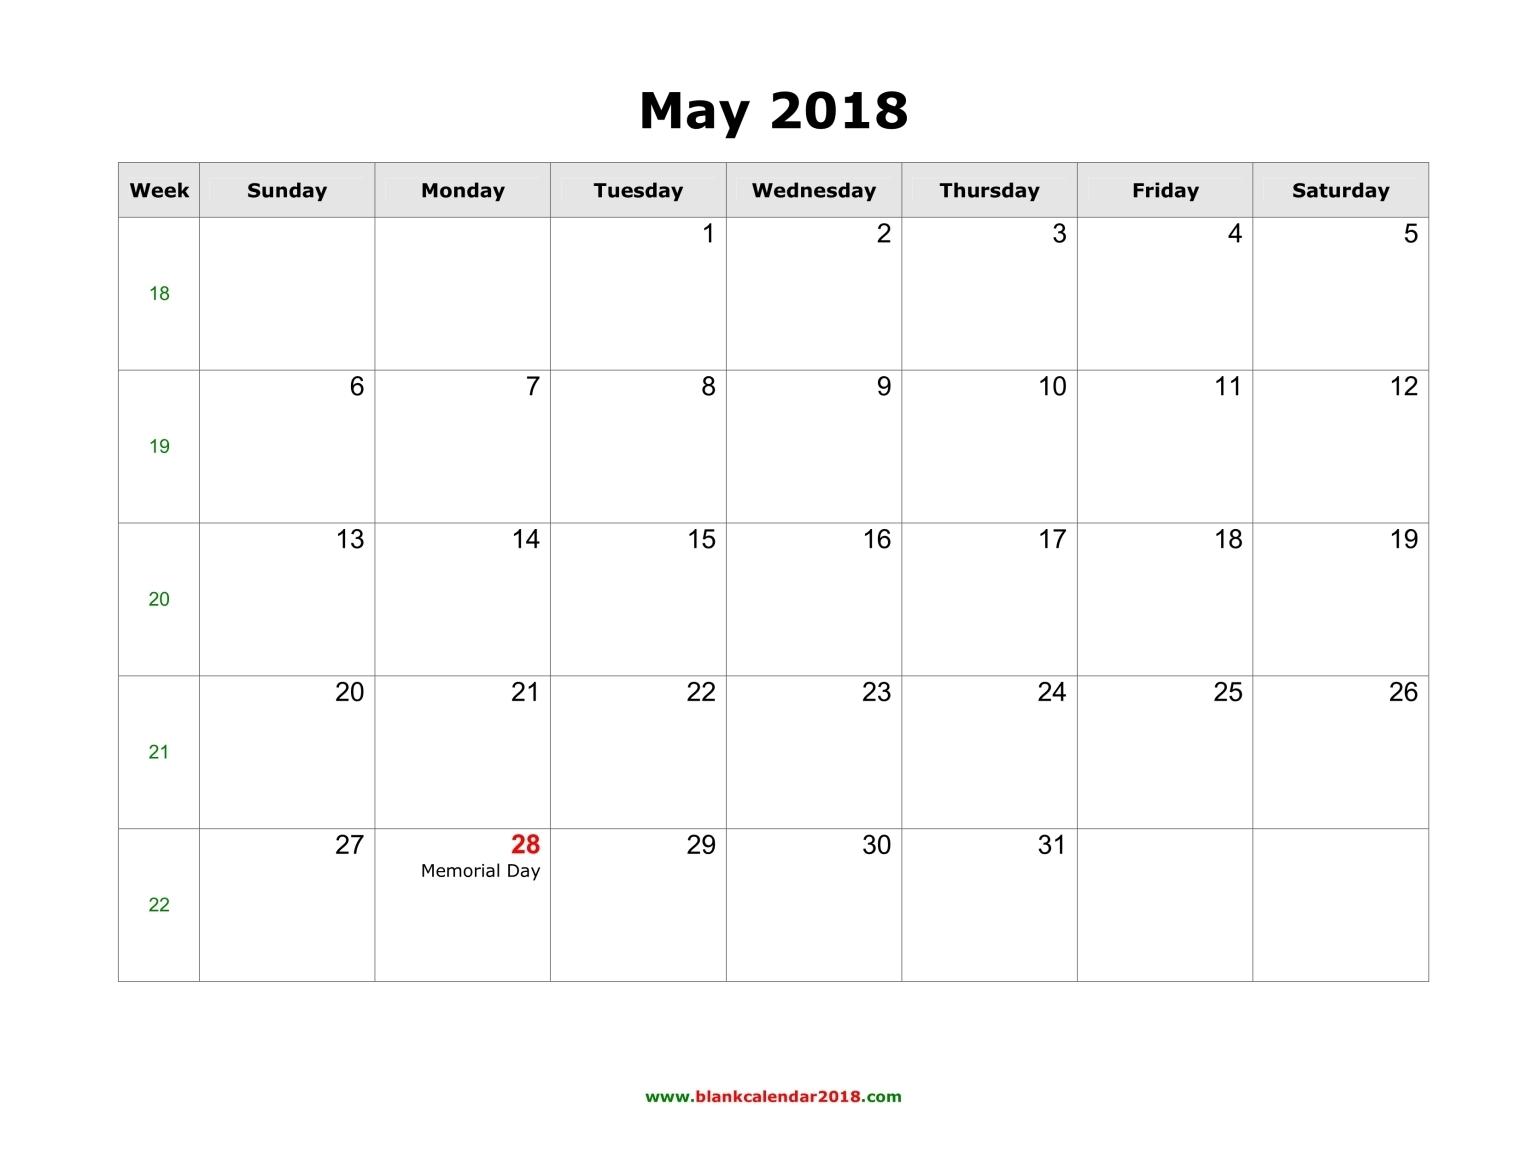 Us Calendar With Week Numbers Week Calendar 2017 Week Numbers 2017 Blank Calendar For May 2018